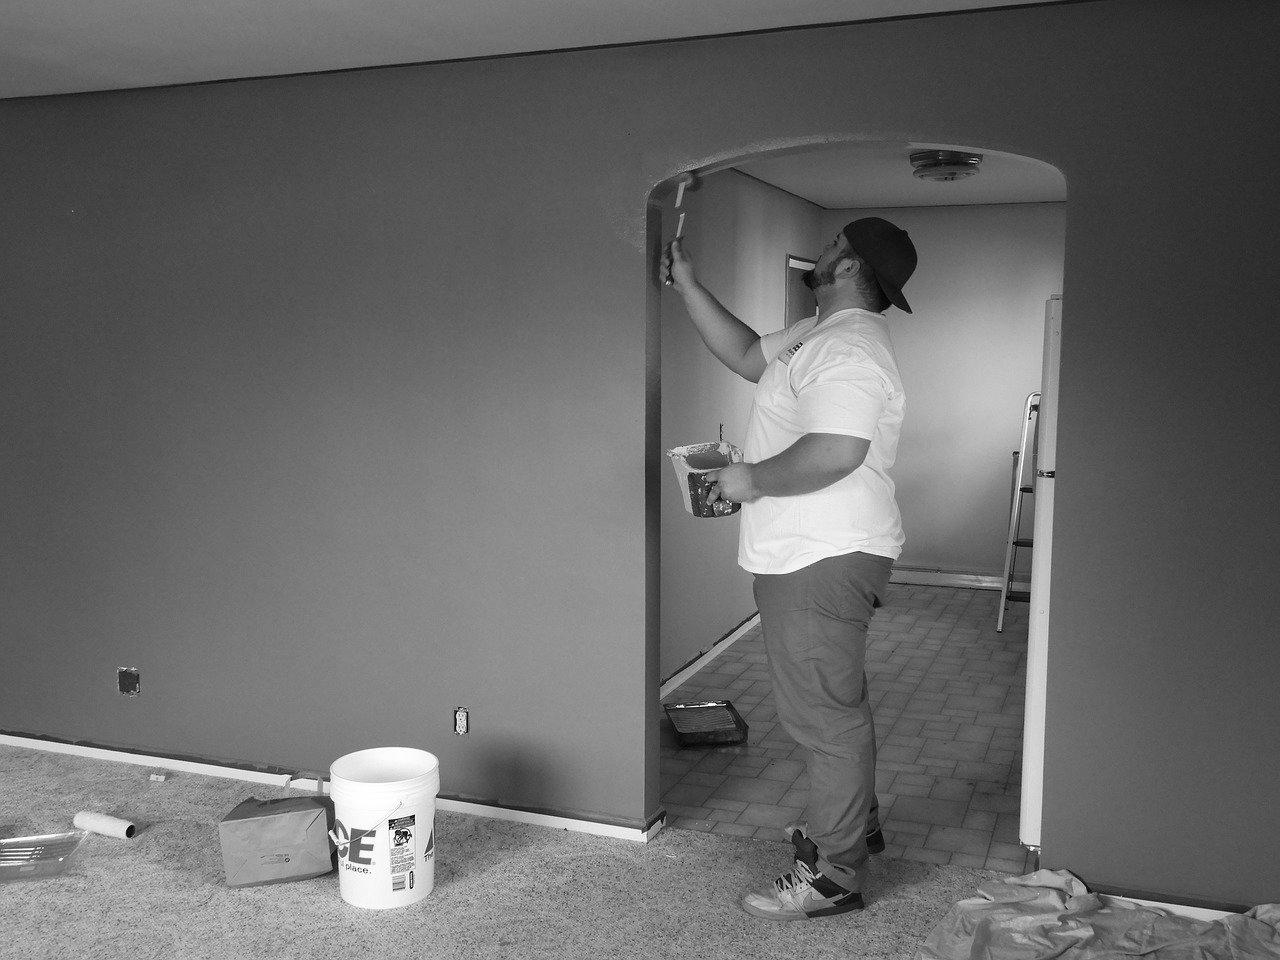 Rénover une maison à Haubourdin 59320 | Entreprises de rénovation